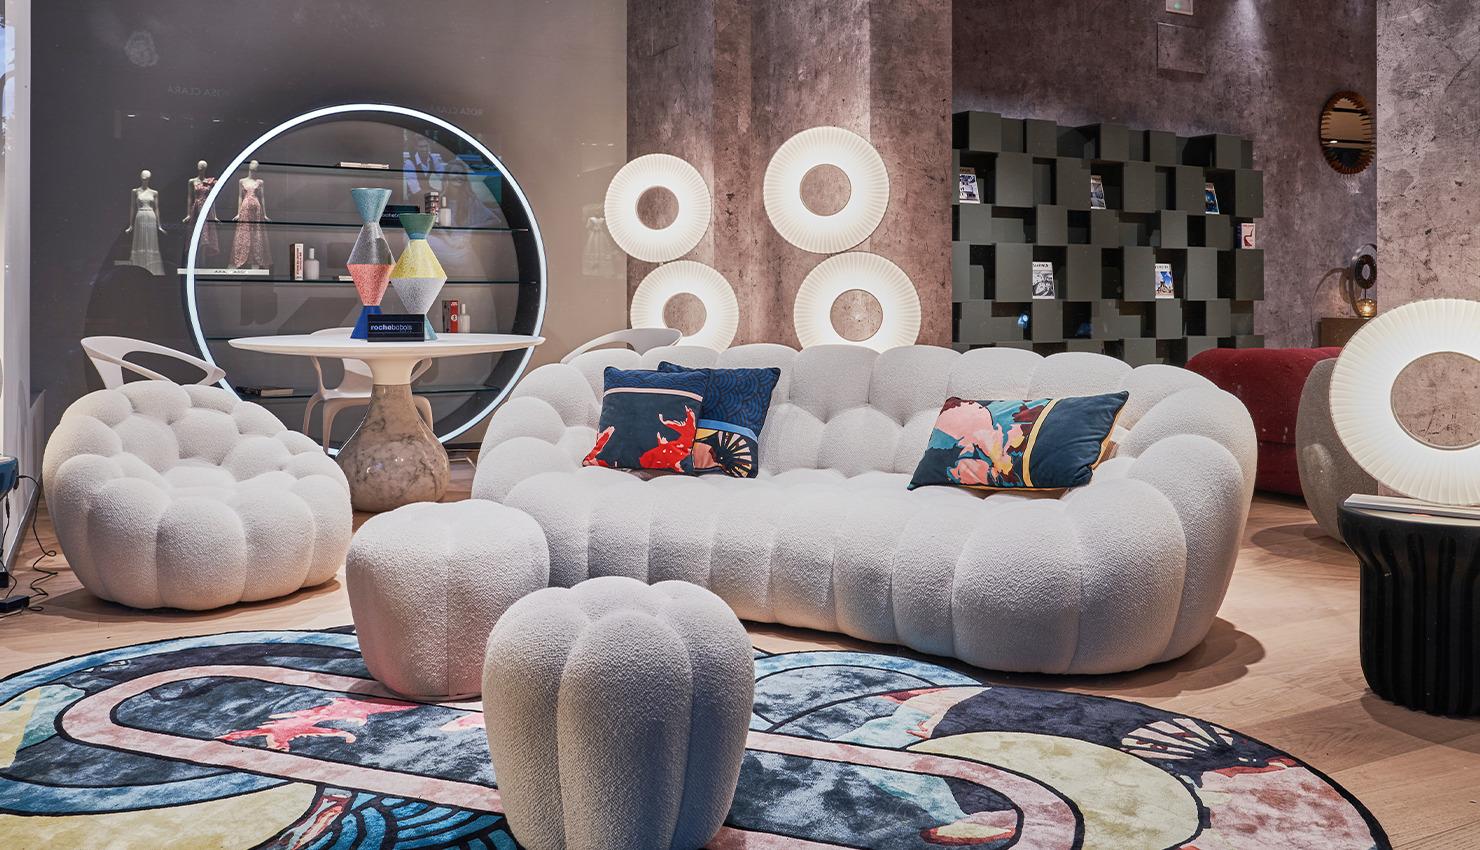 bubble2-barcelona-magazinehorse